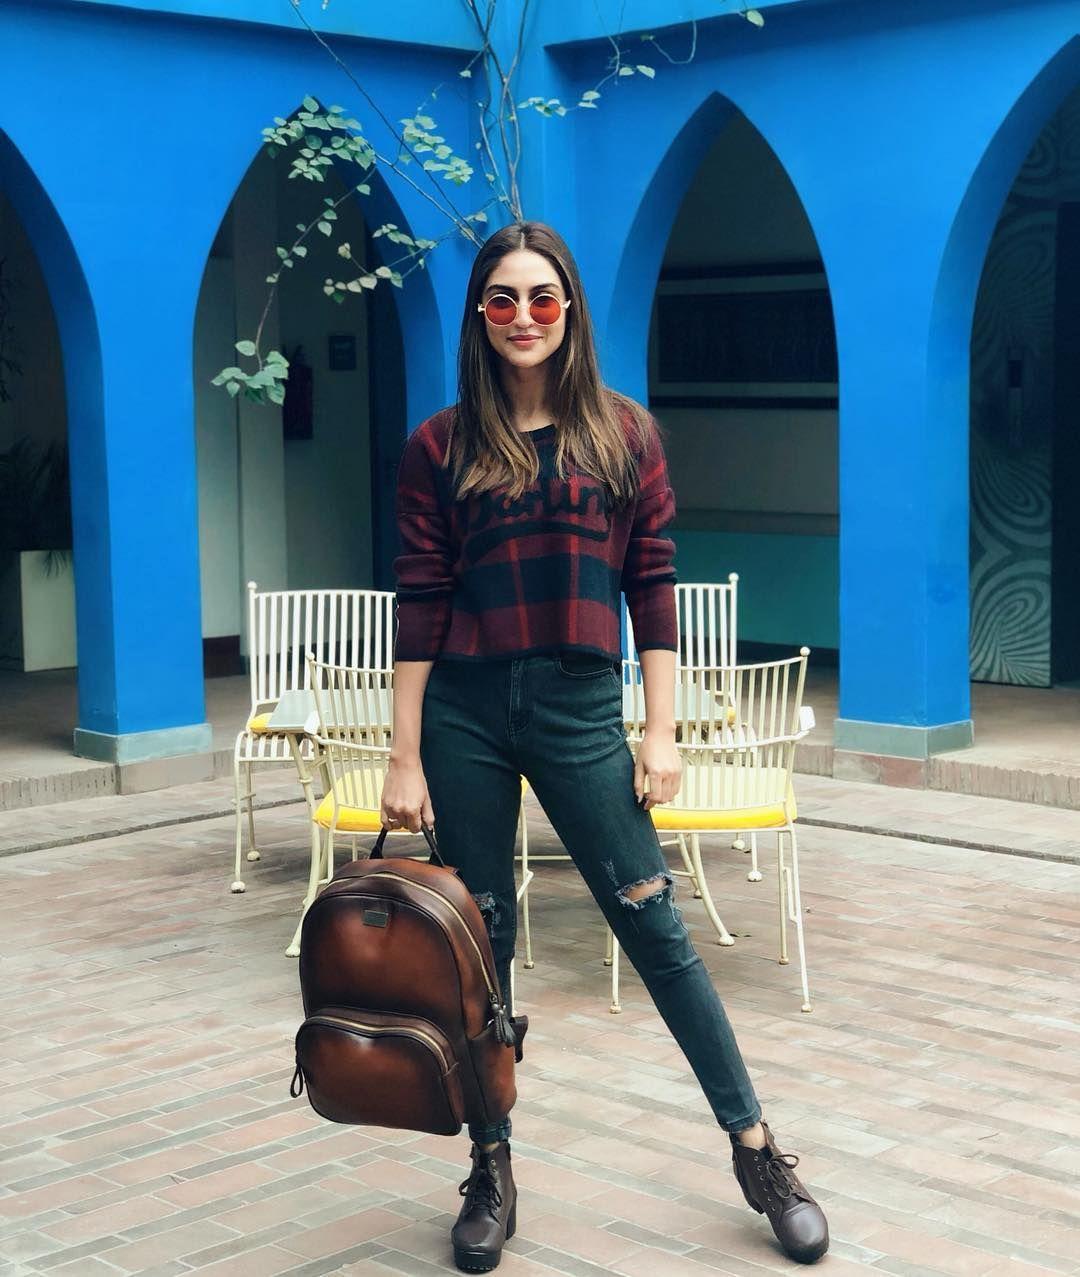 Kompaneroofficial S Got My Back Backpack Travel Delhi Wanderlust Leatherbackpack Short Tops Fashion Krystal Dsouza